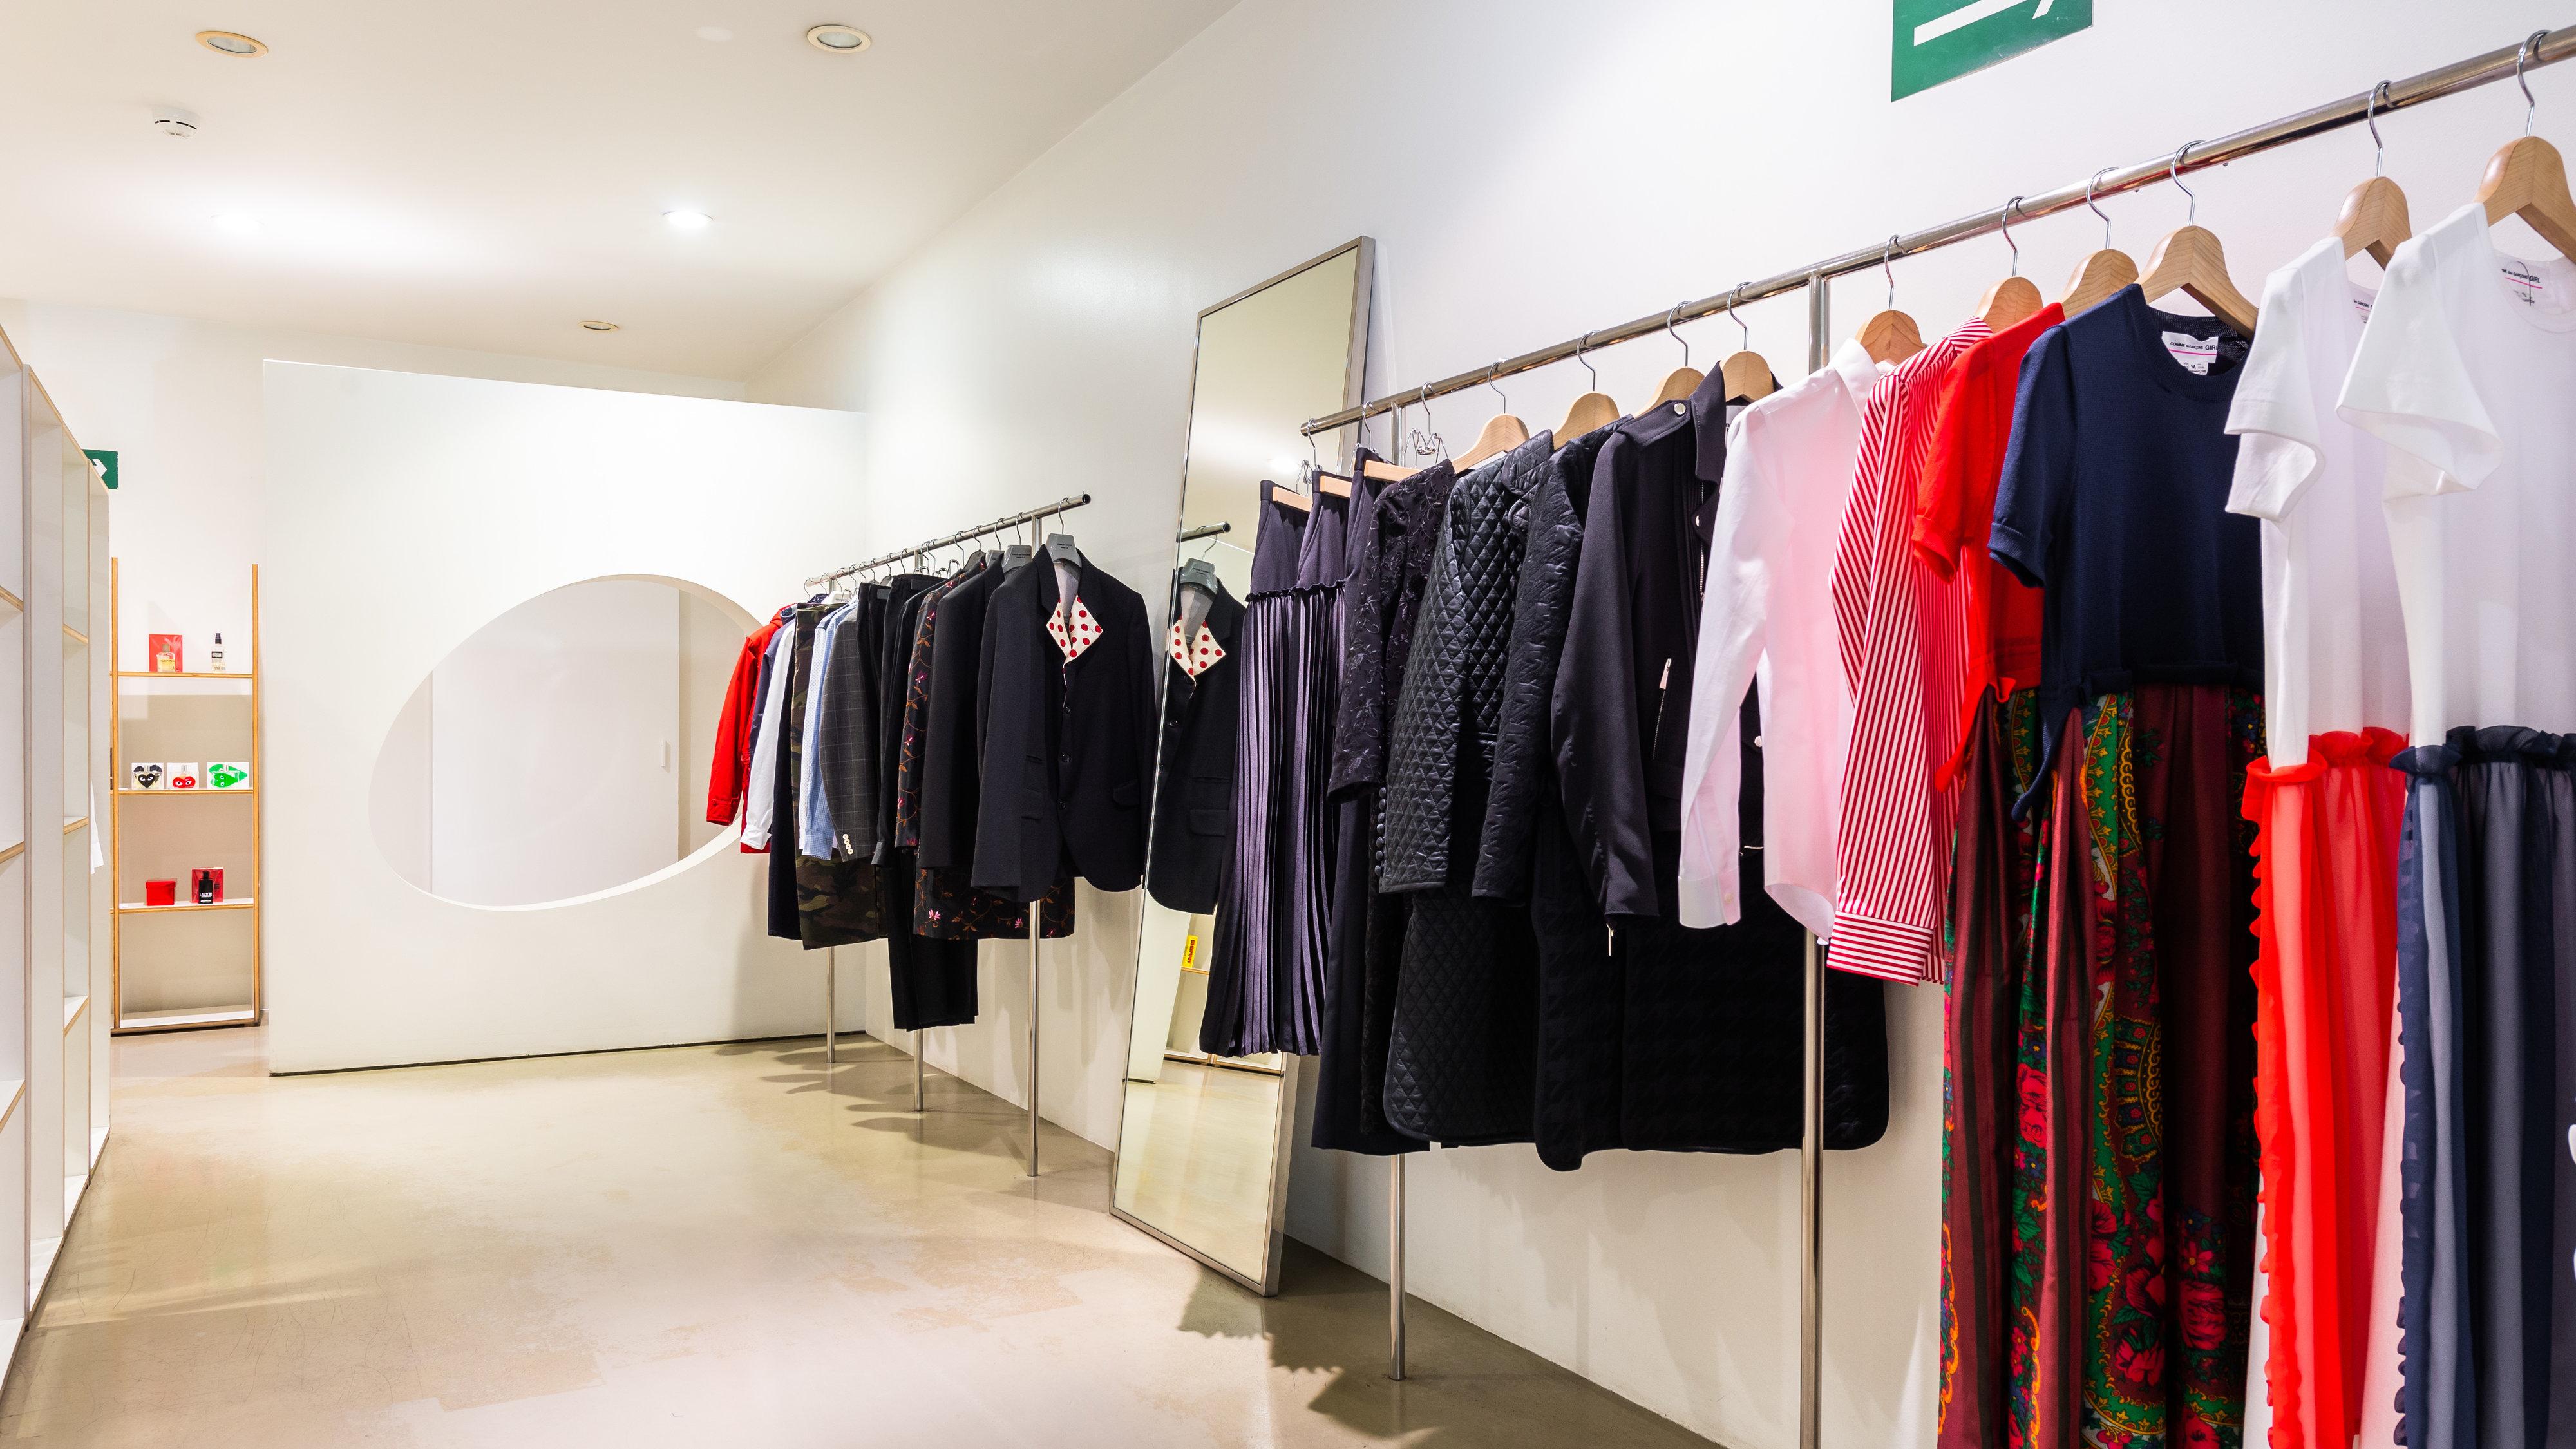 d7026f772d235 Магазины женской одежды и обуви в Санкт-Петербурге с адресами, отзывами и  фото - Zoon.ru